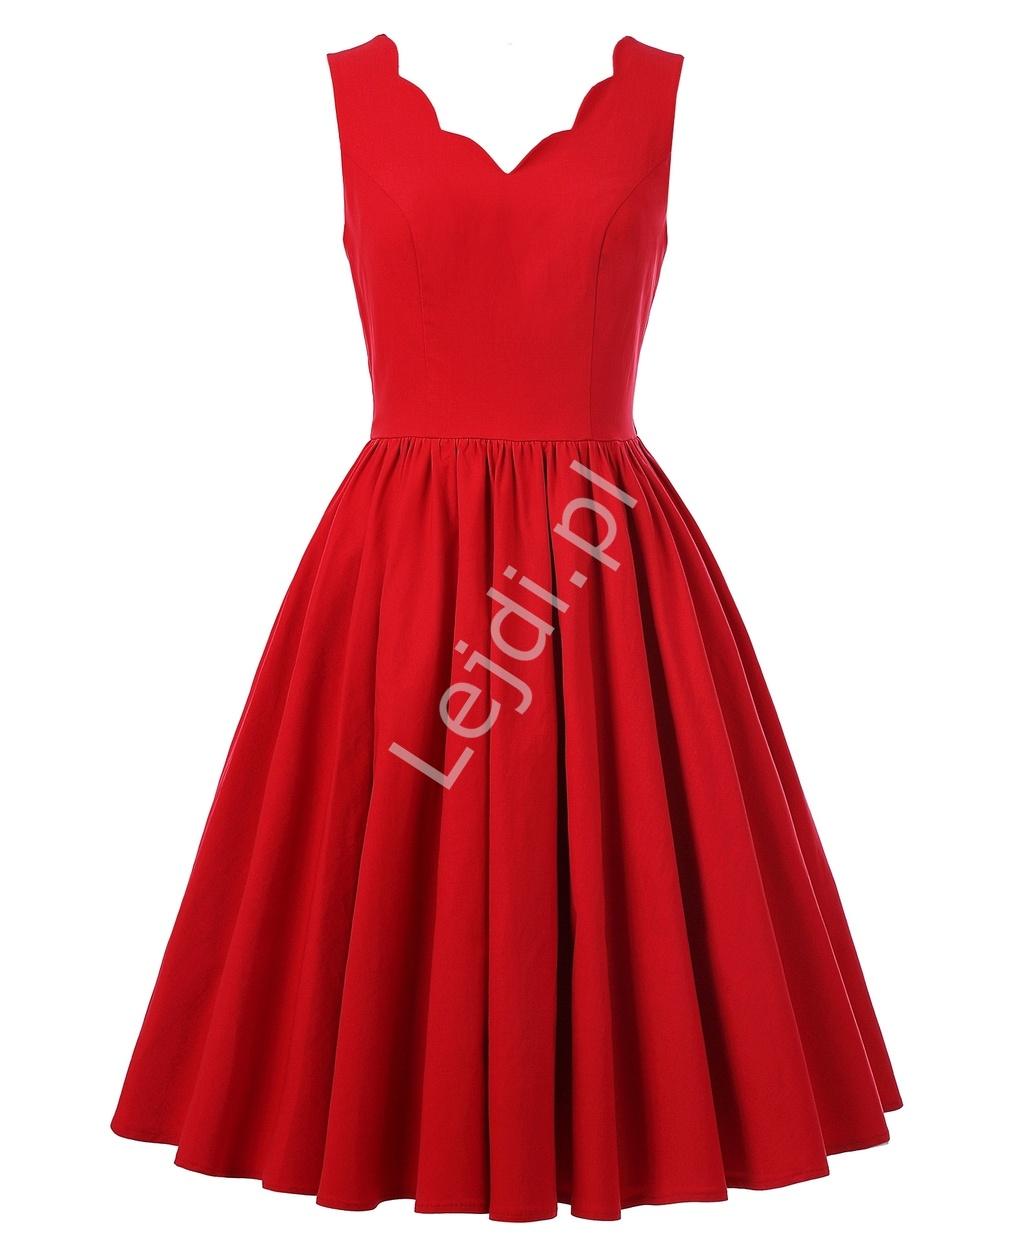 Czerwona rozkloszowana sukienka | sukienka pin up na wesele - Lejdi